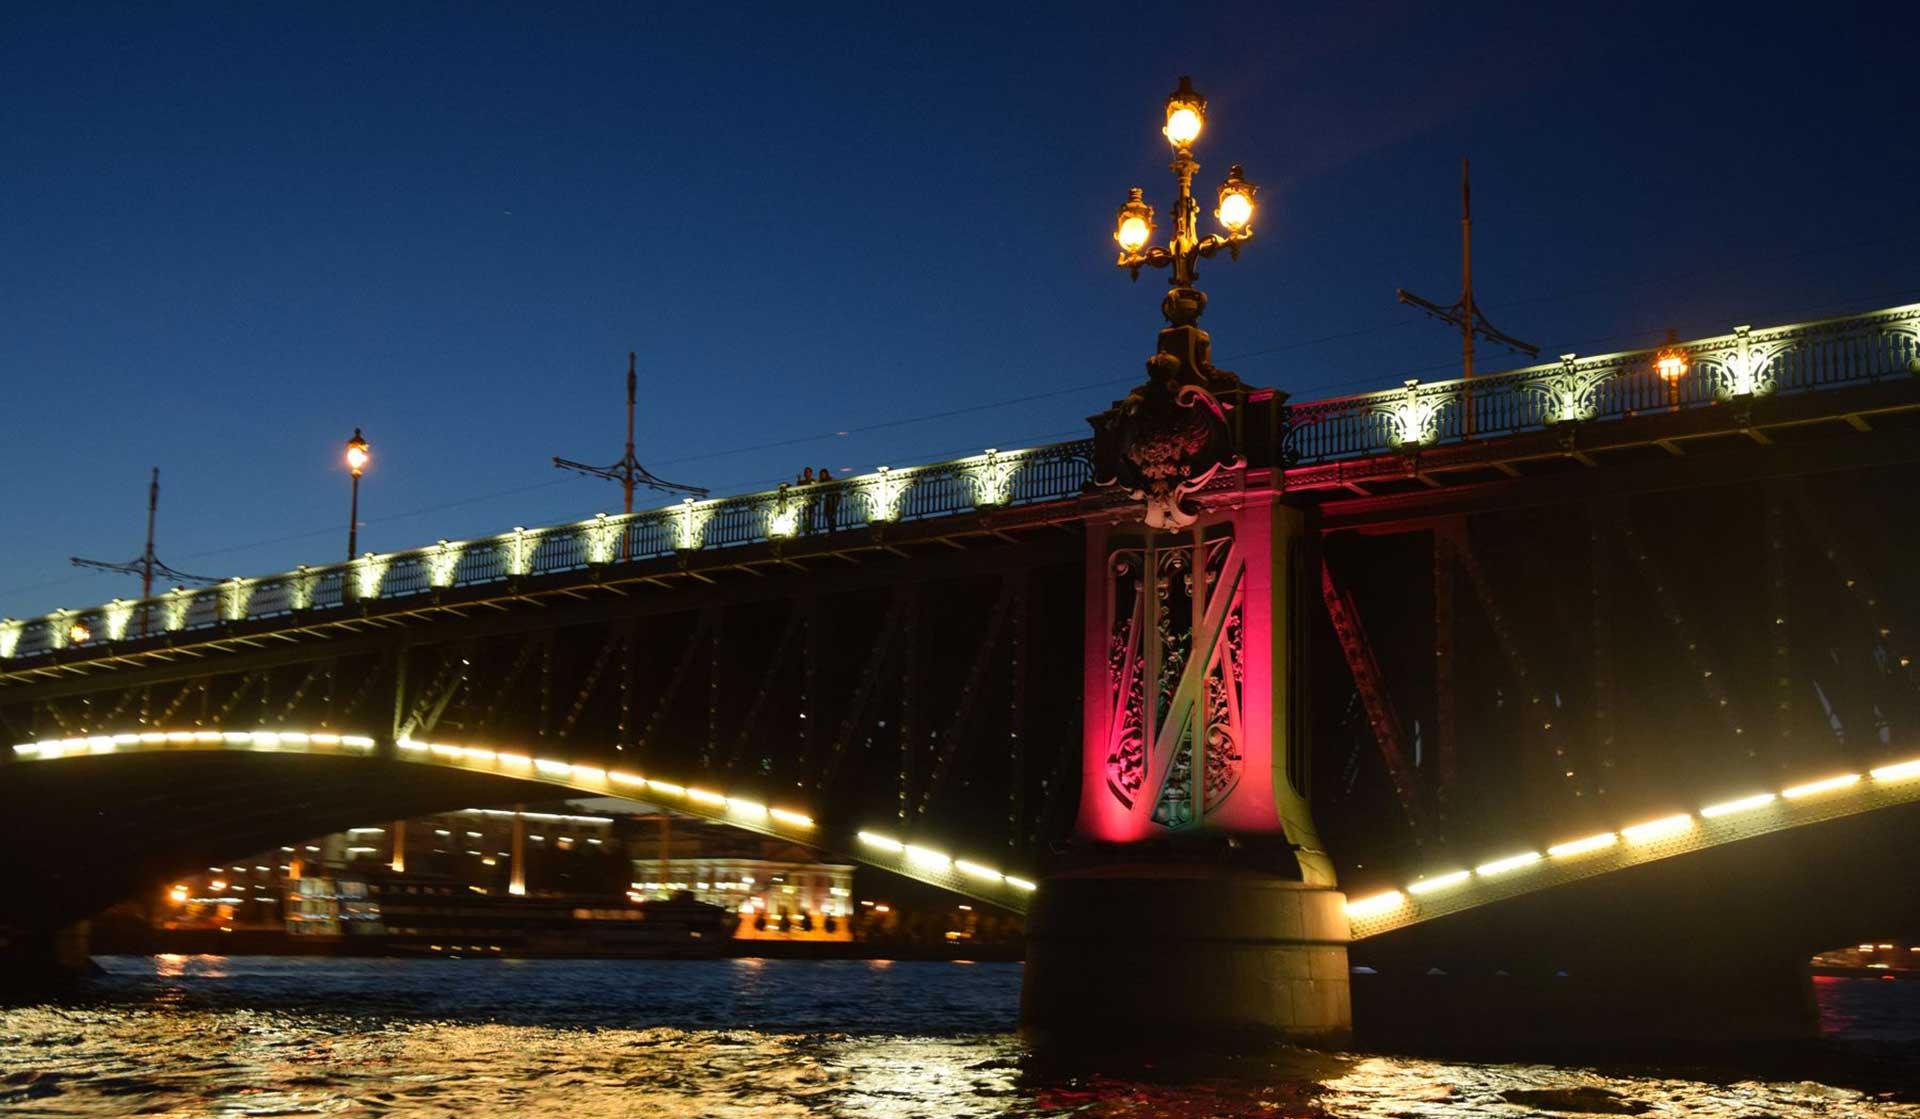 La magia delle notti bianche a San Pietroburgo